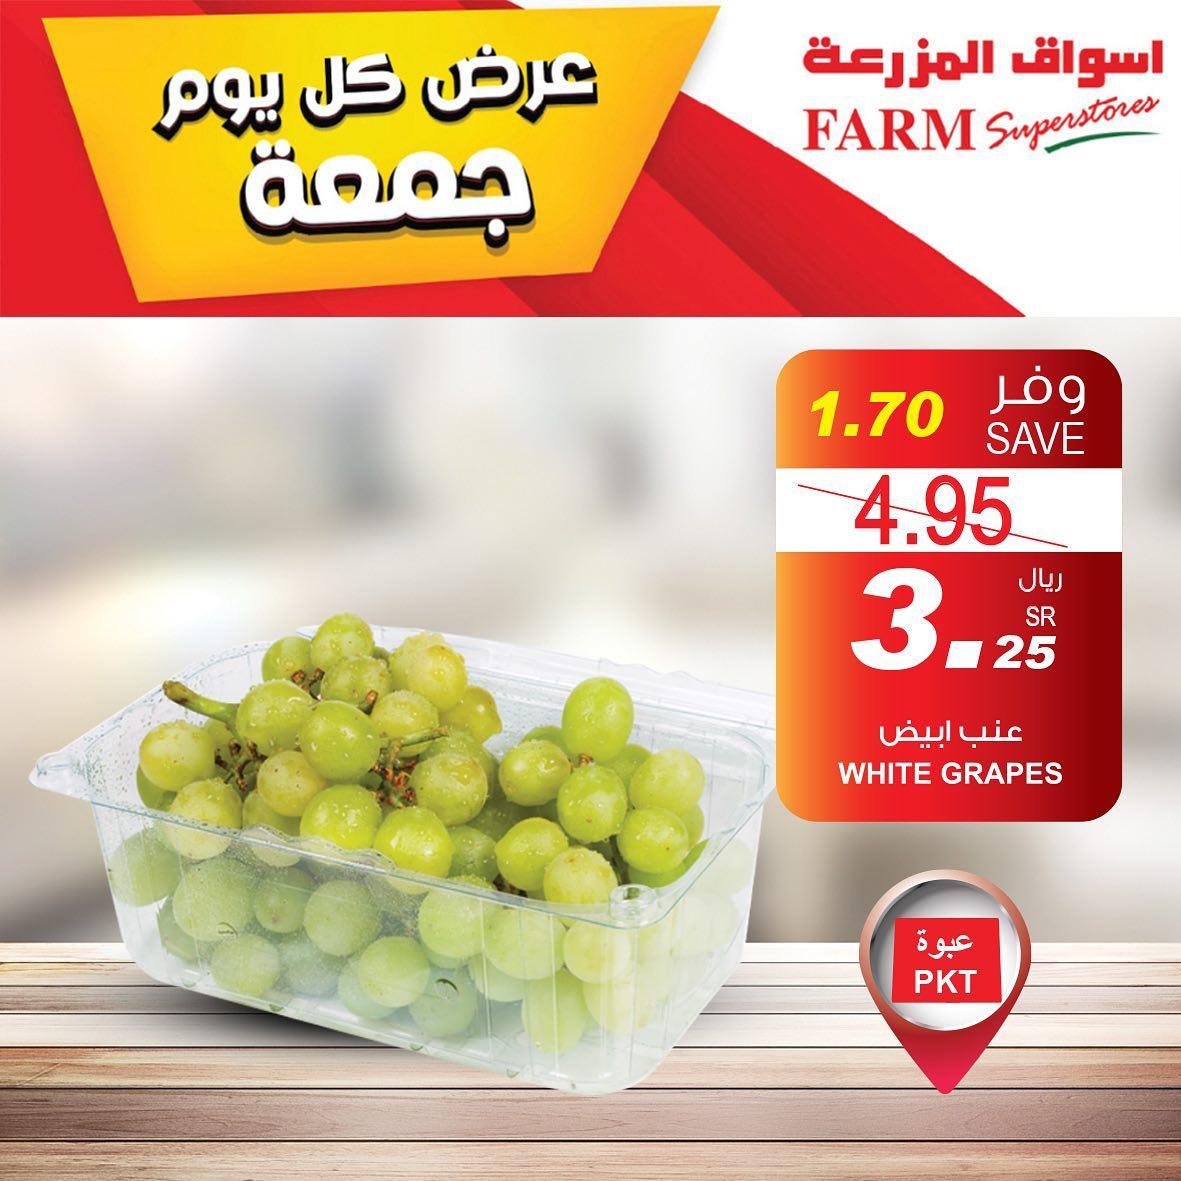 عروض اسواق المزرعة الرياض و الشرقية و عرعر اليوم الجمعة 13 اغسطس 2021 سوق الجمعة